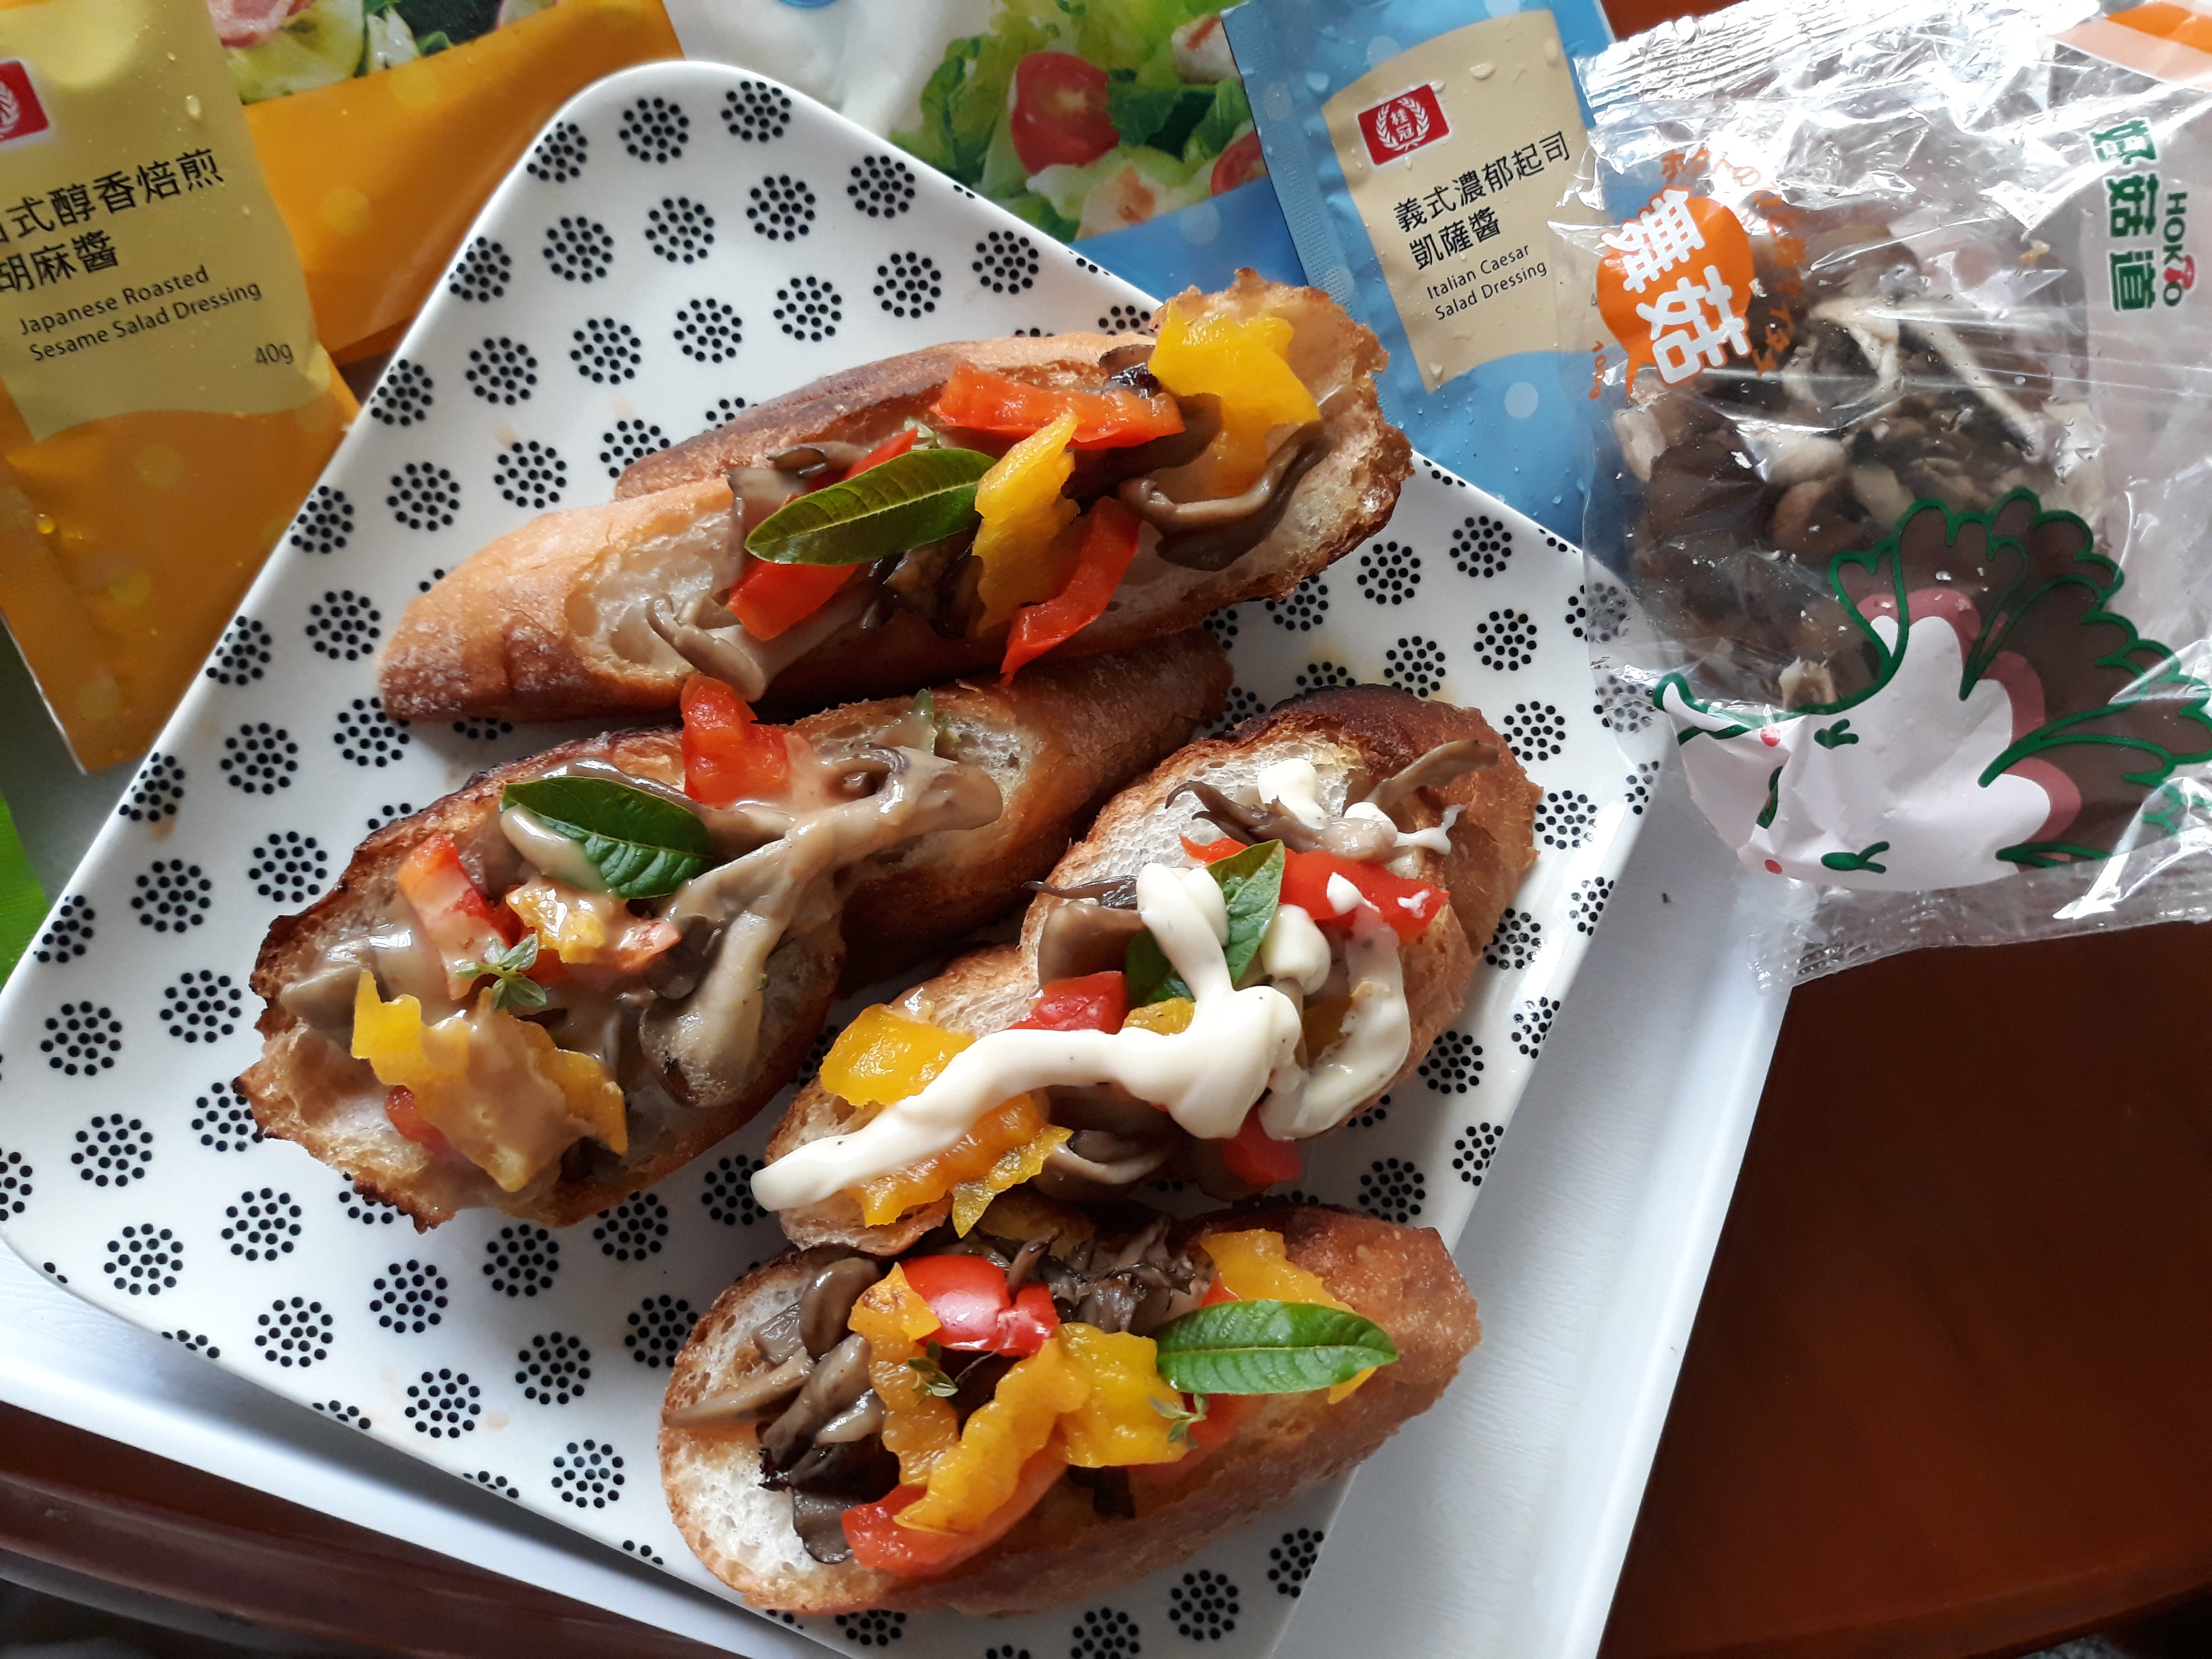 營養美味舞菇法式早餐【好菇道營養料理】